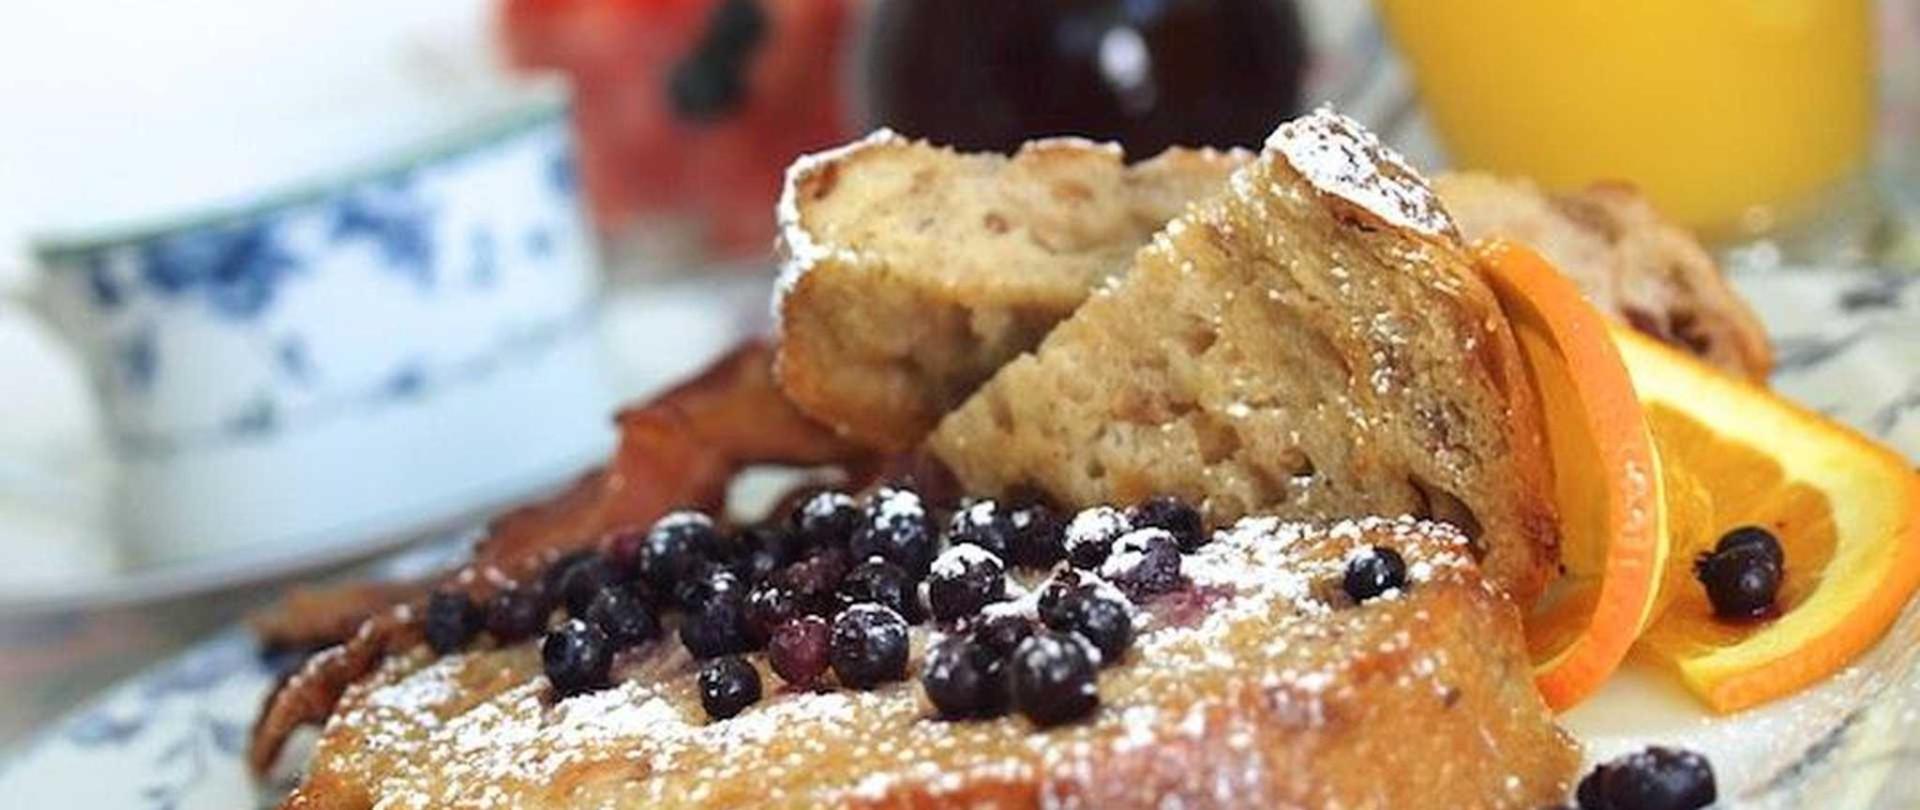 Camden Bed & Breakfast Association